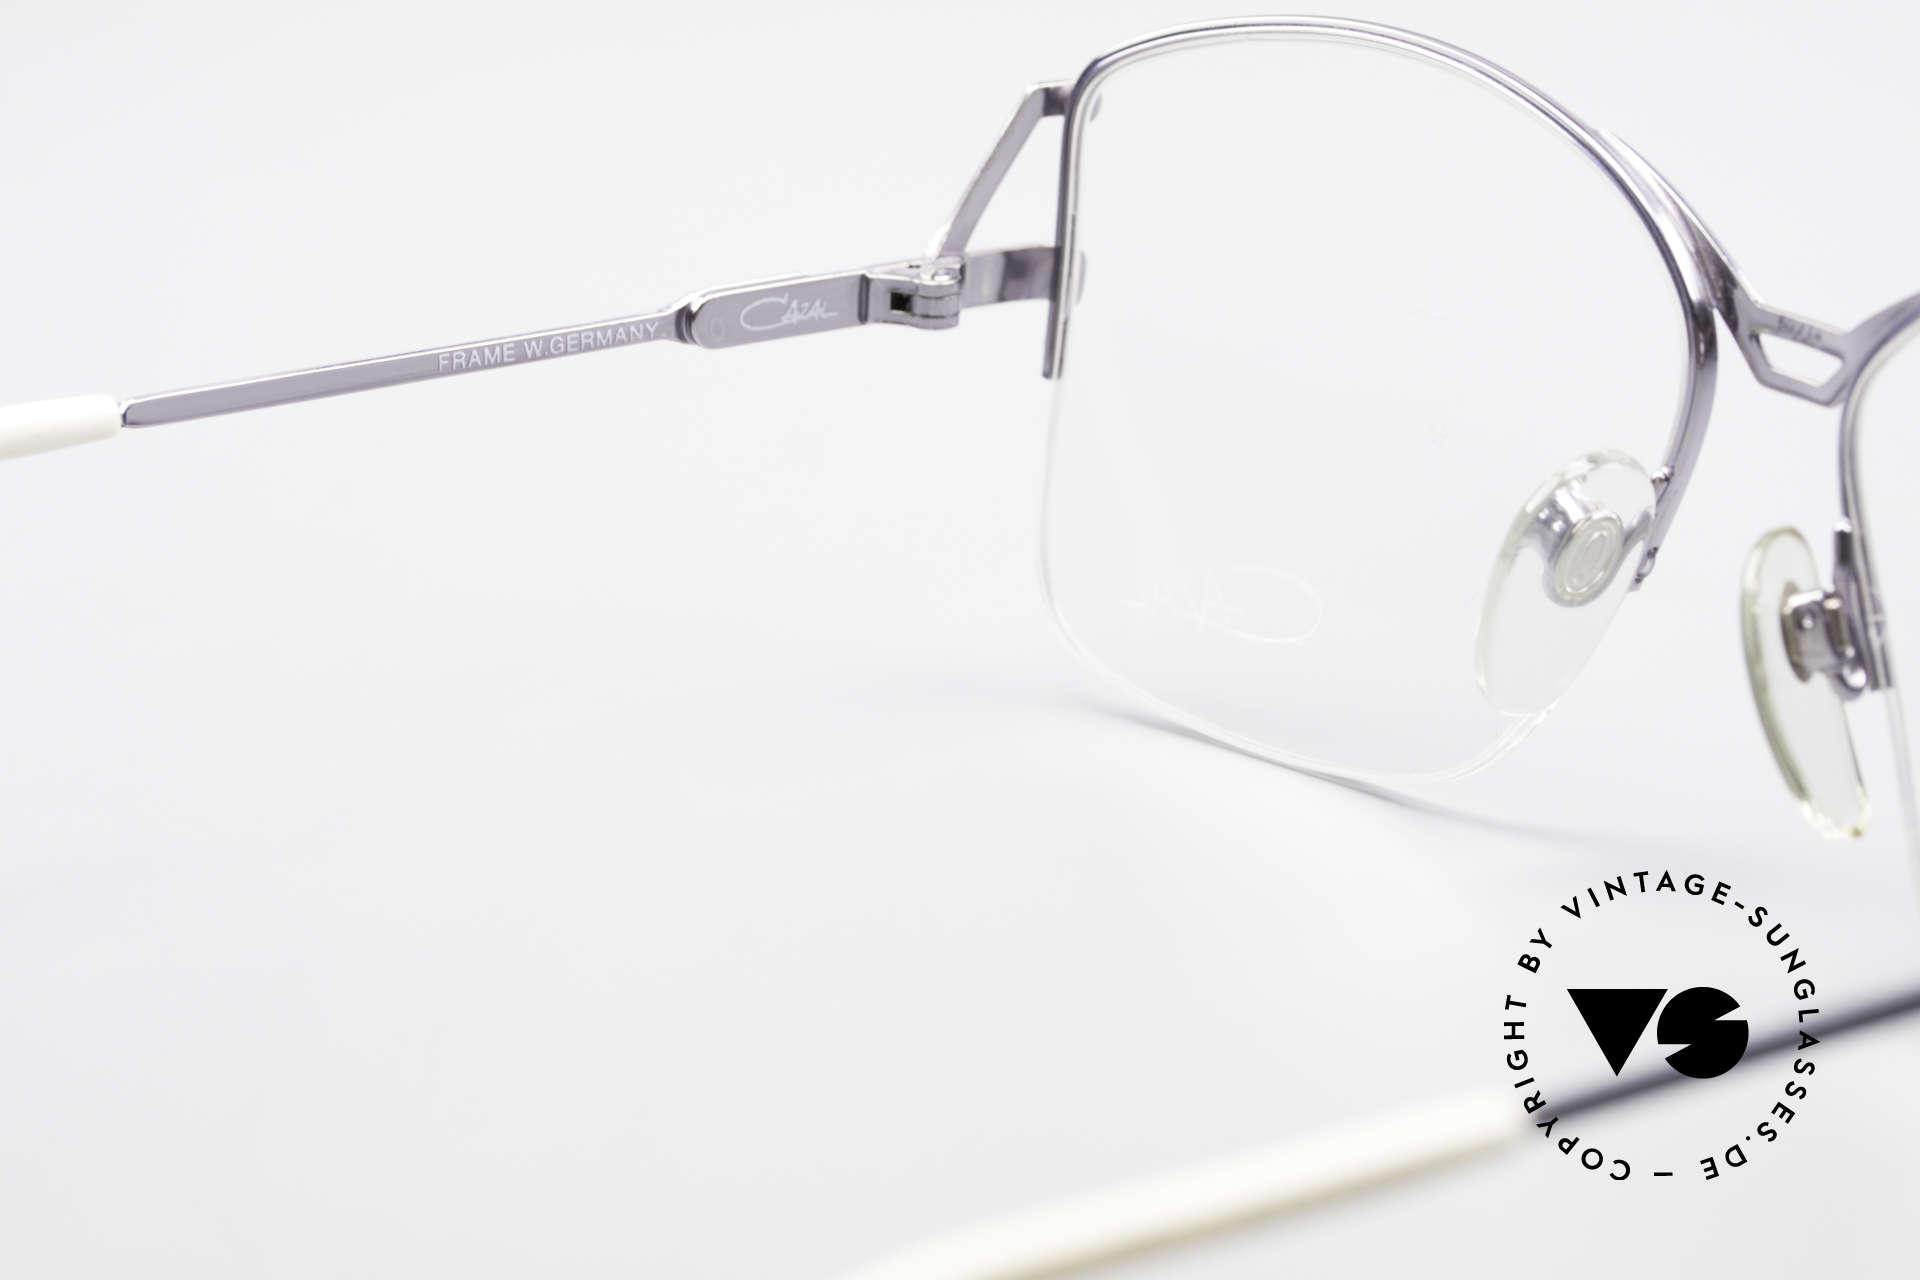 Cazal 222 80's Original No Retro Glasses, original DEMO lenses can be replaced optionally, Made for Women